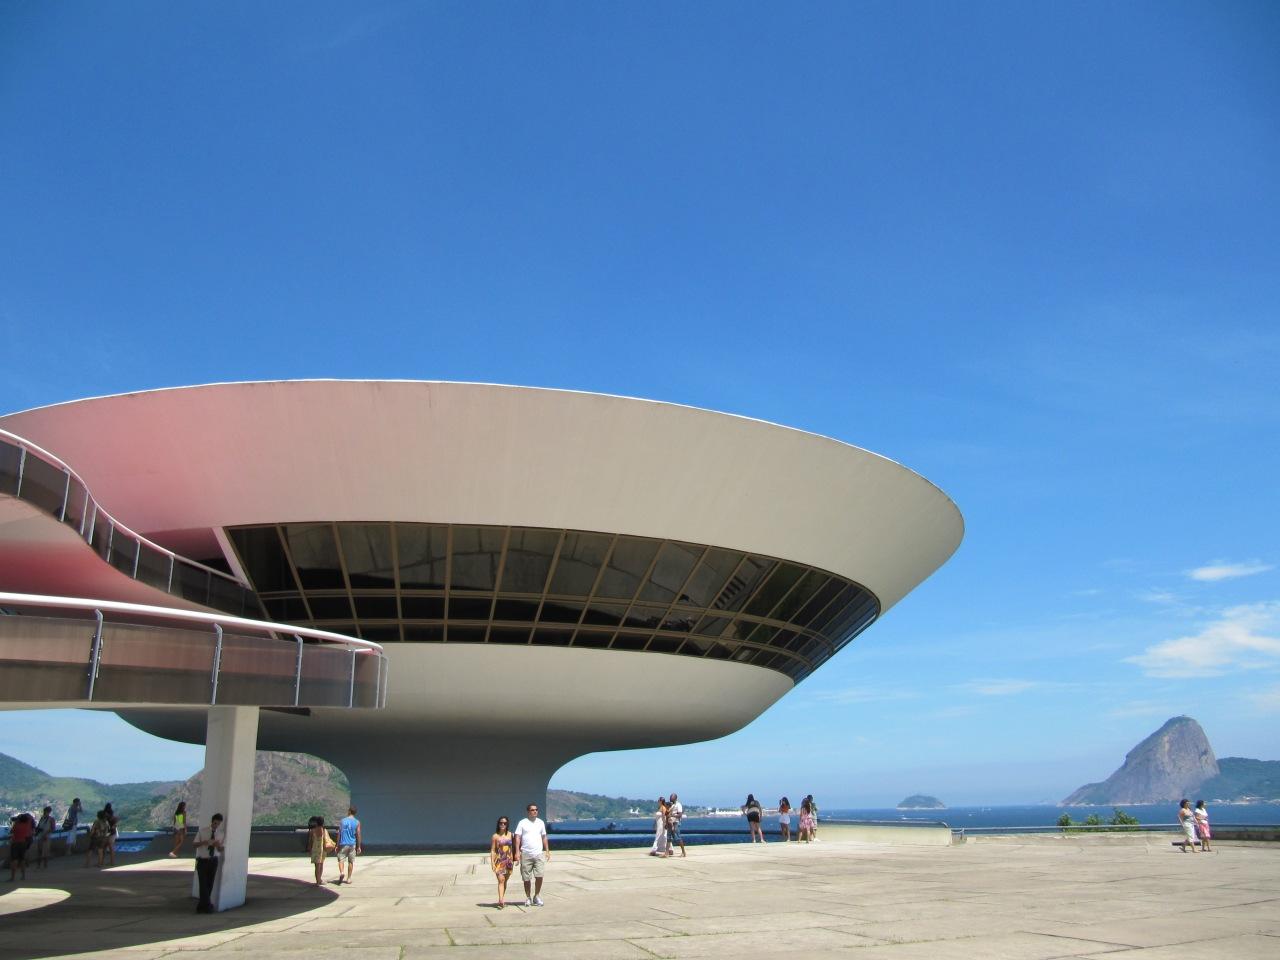 Museu de Arte Contemporanea (MAC)